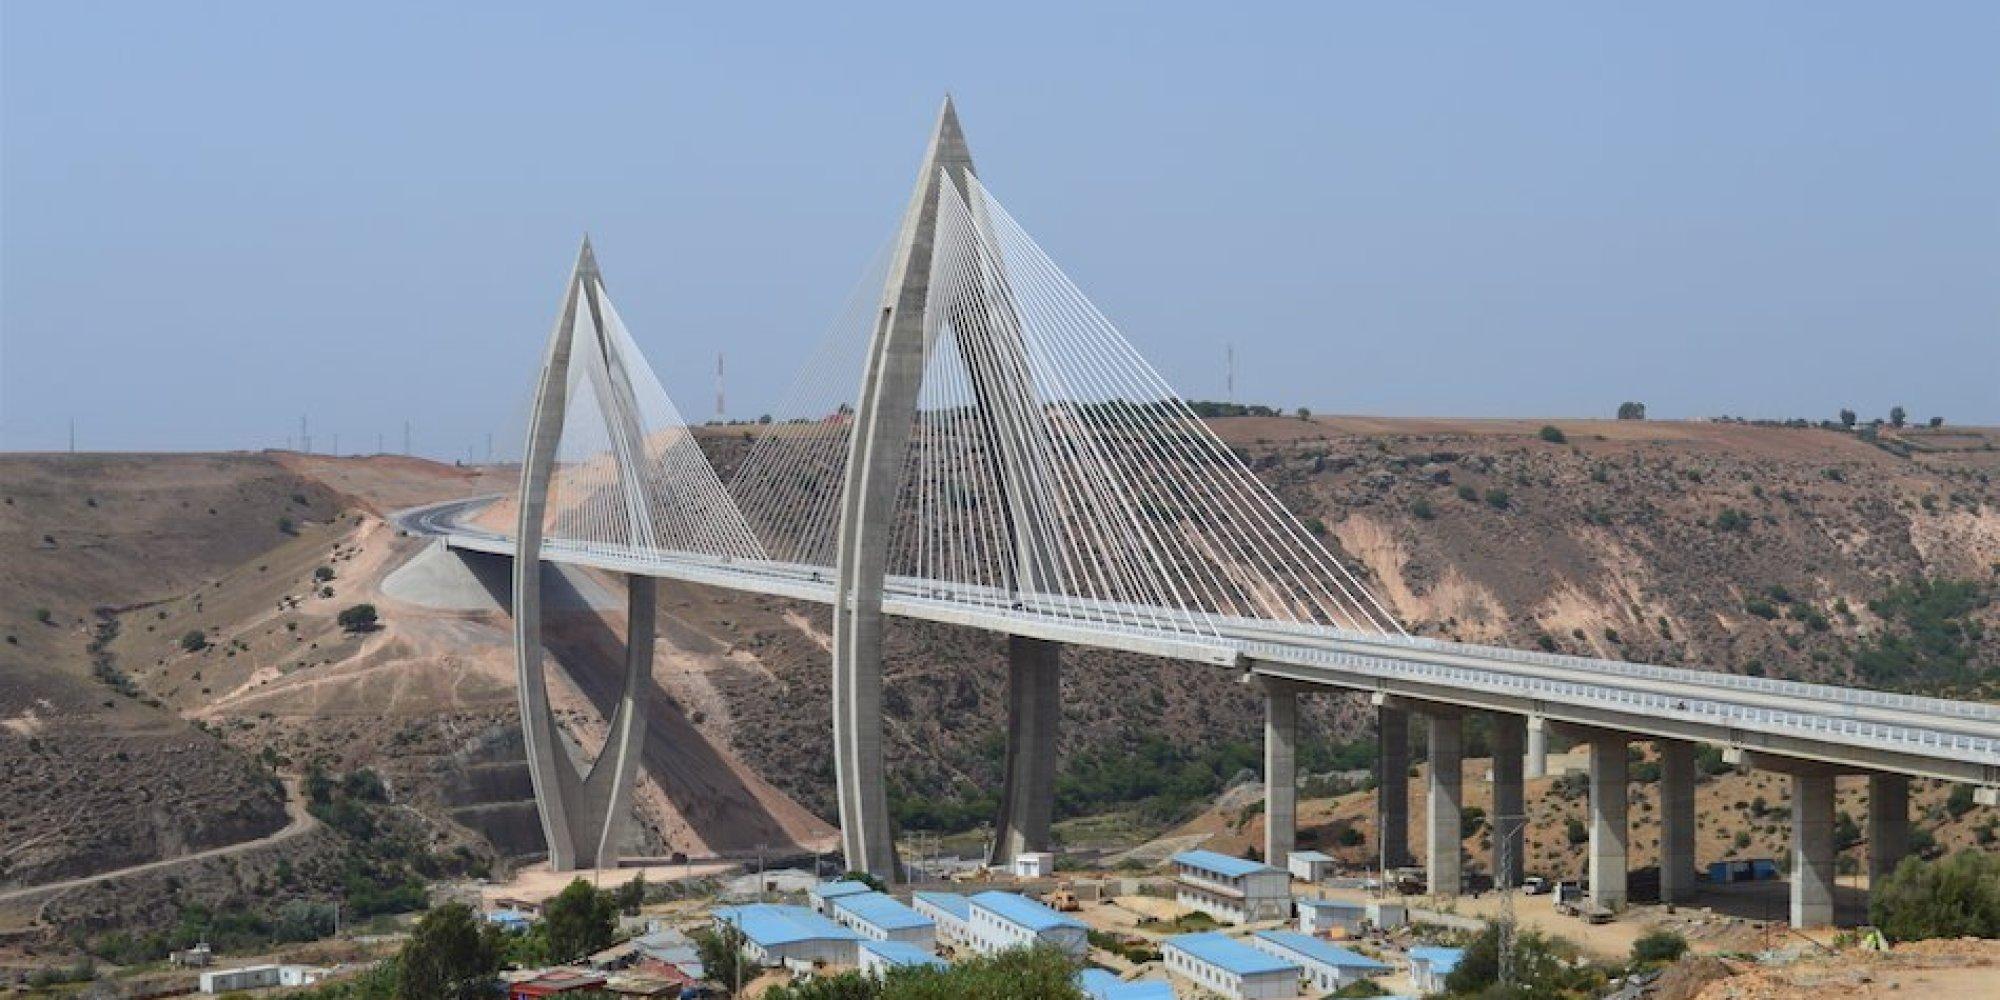 Le roi inaugure l 39 autoroute de contournement de rabat et le pont haubans - Premier pont a haubans ...